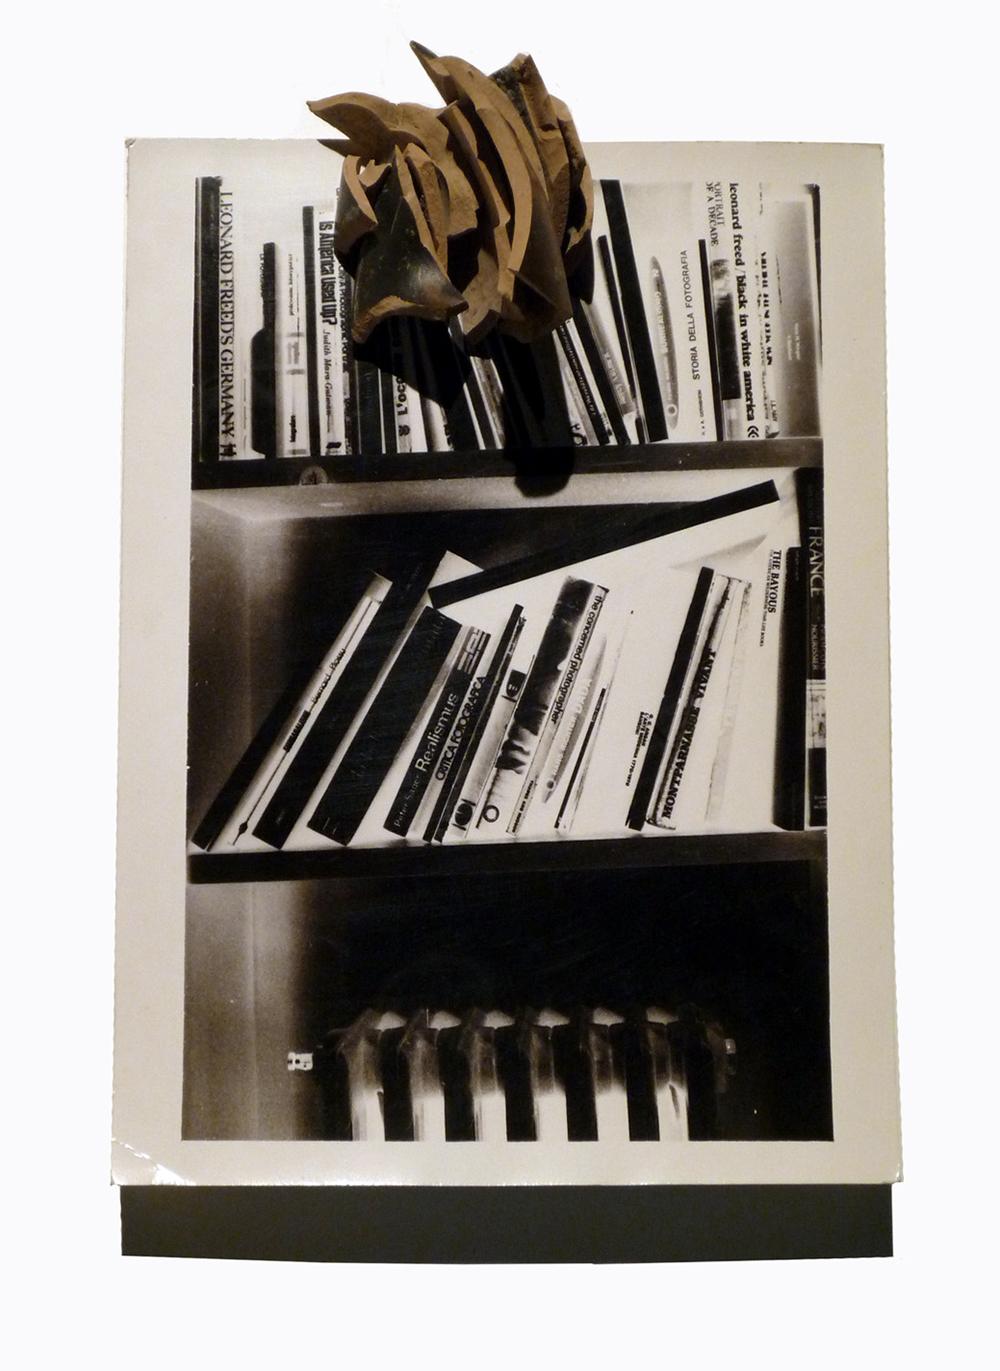 Antropologie, 1978, viraggio fotografico ai sali d'argento e cocci, cm 25x18